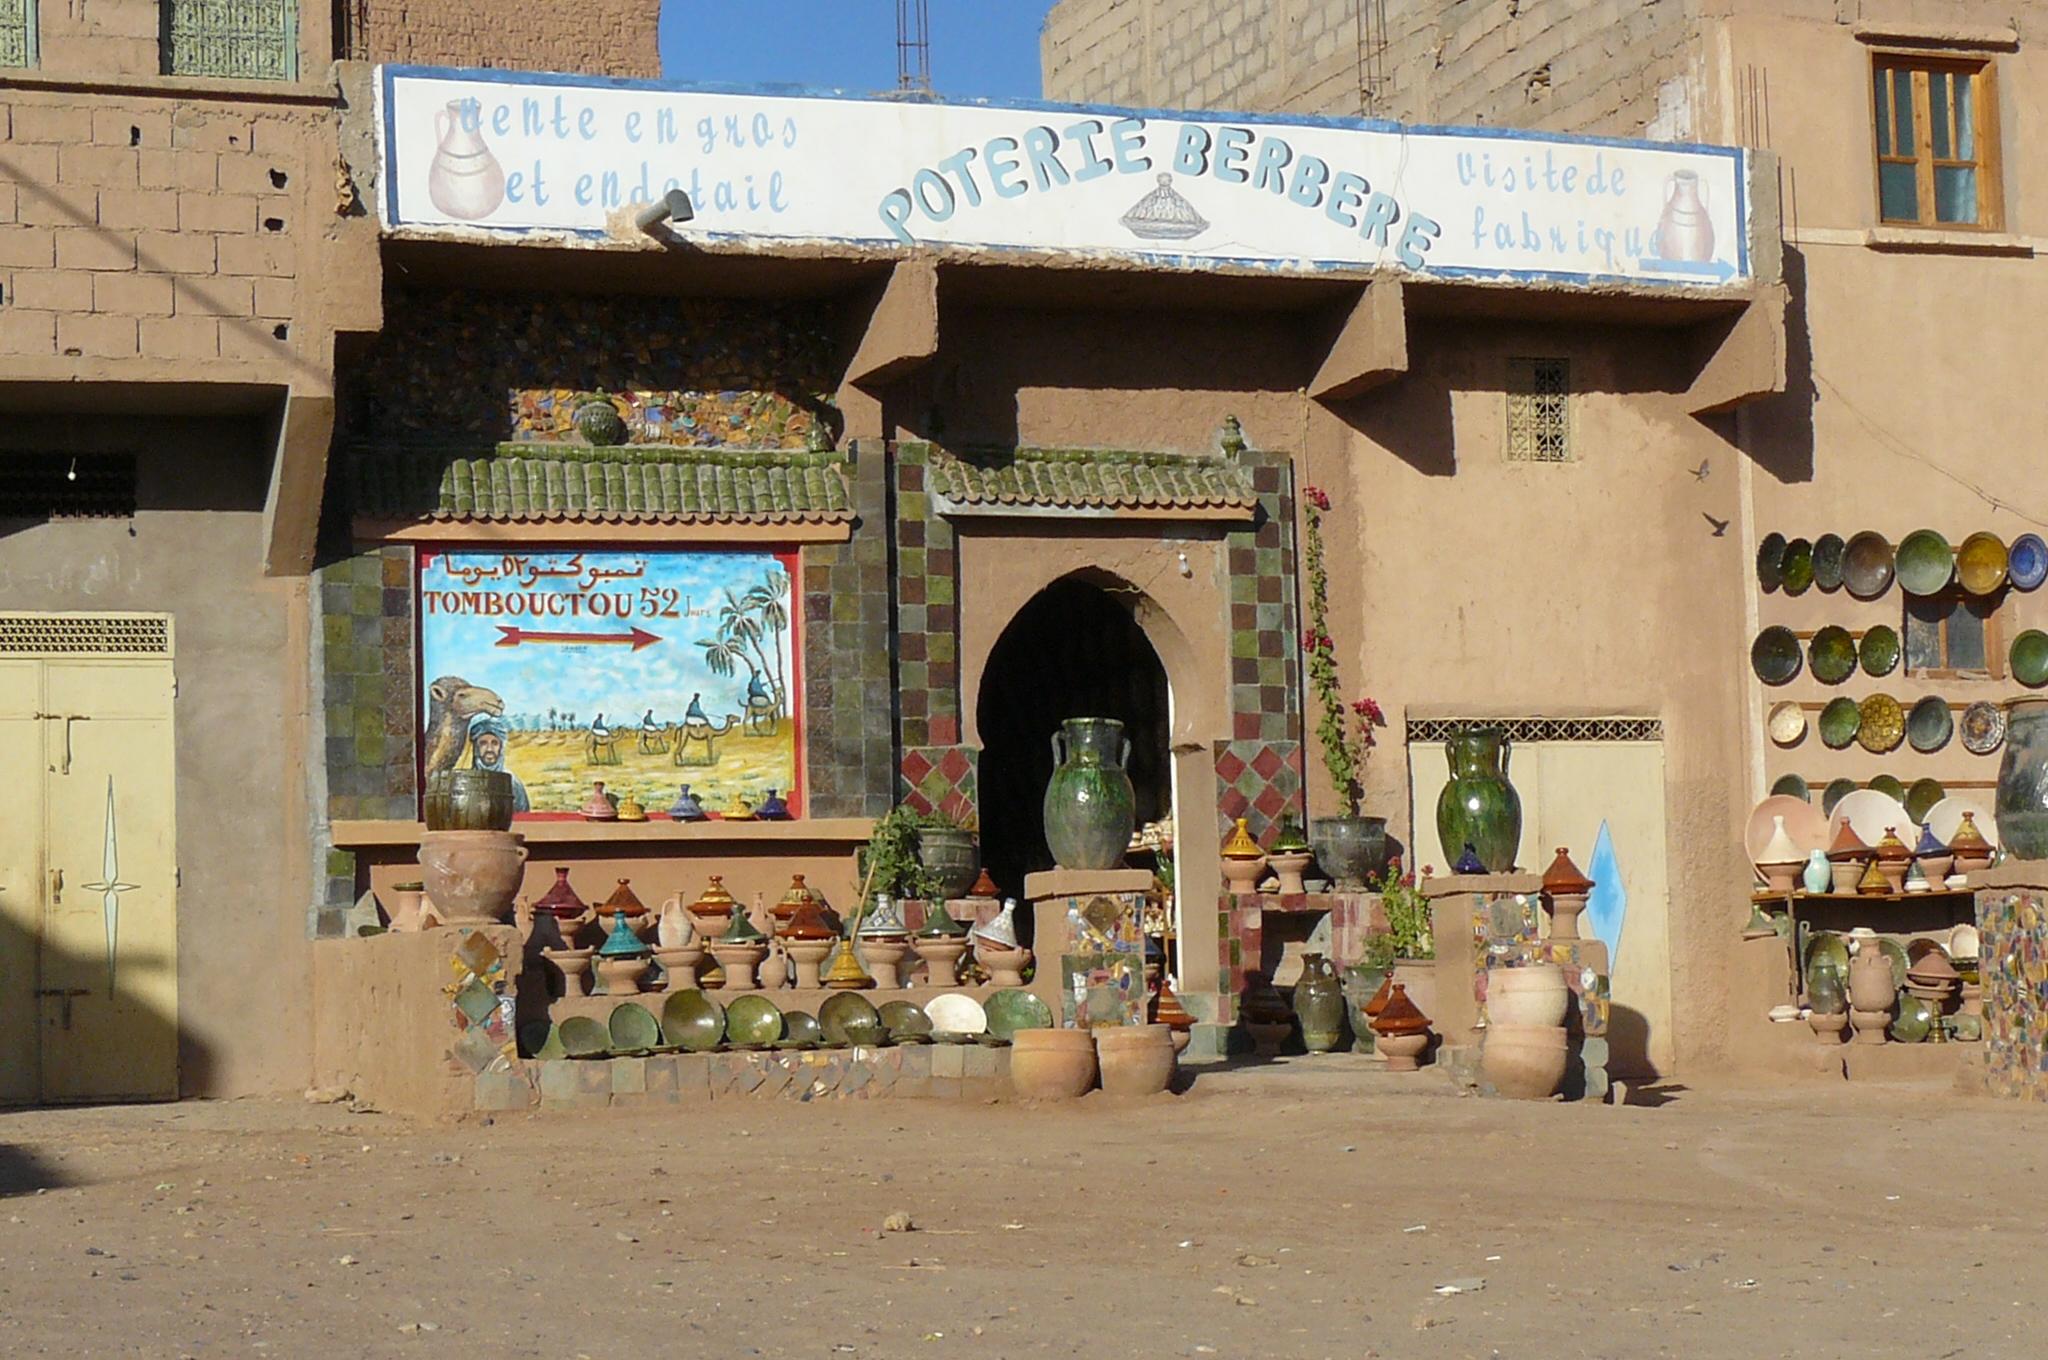 Morocco Tour from Casablanca 7